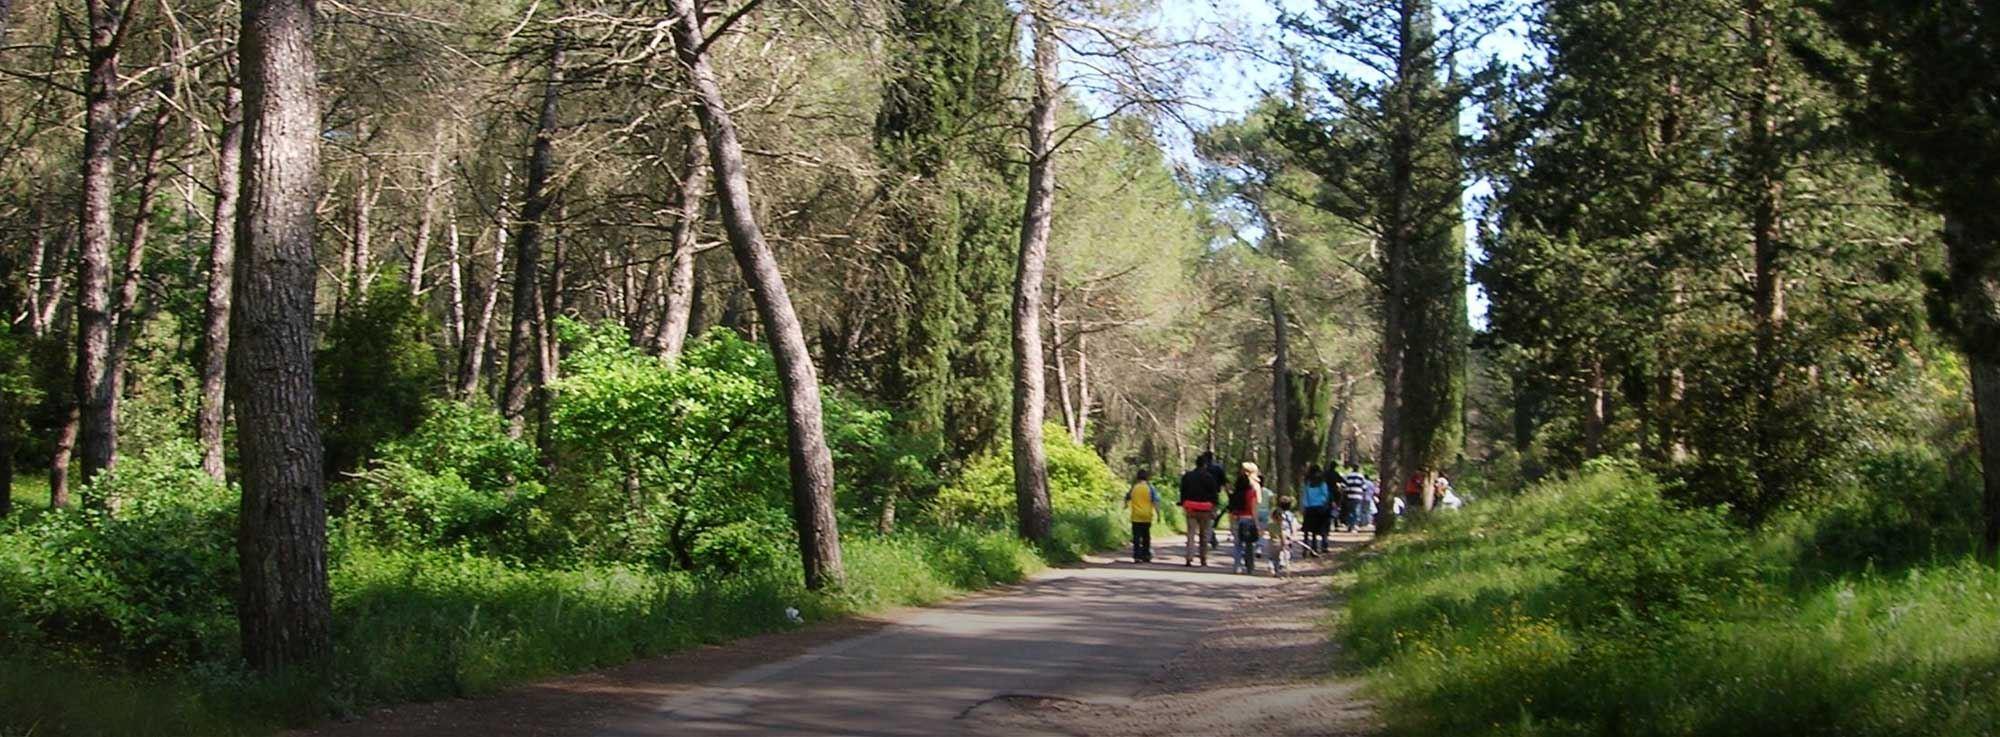 Cassano delle Murge: Tecniche di orientamento in foresta